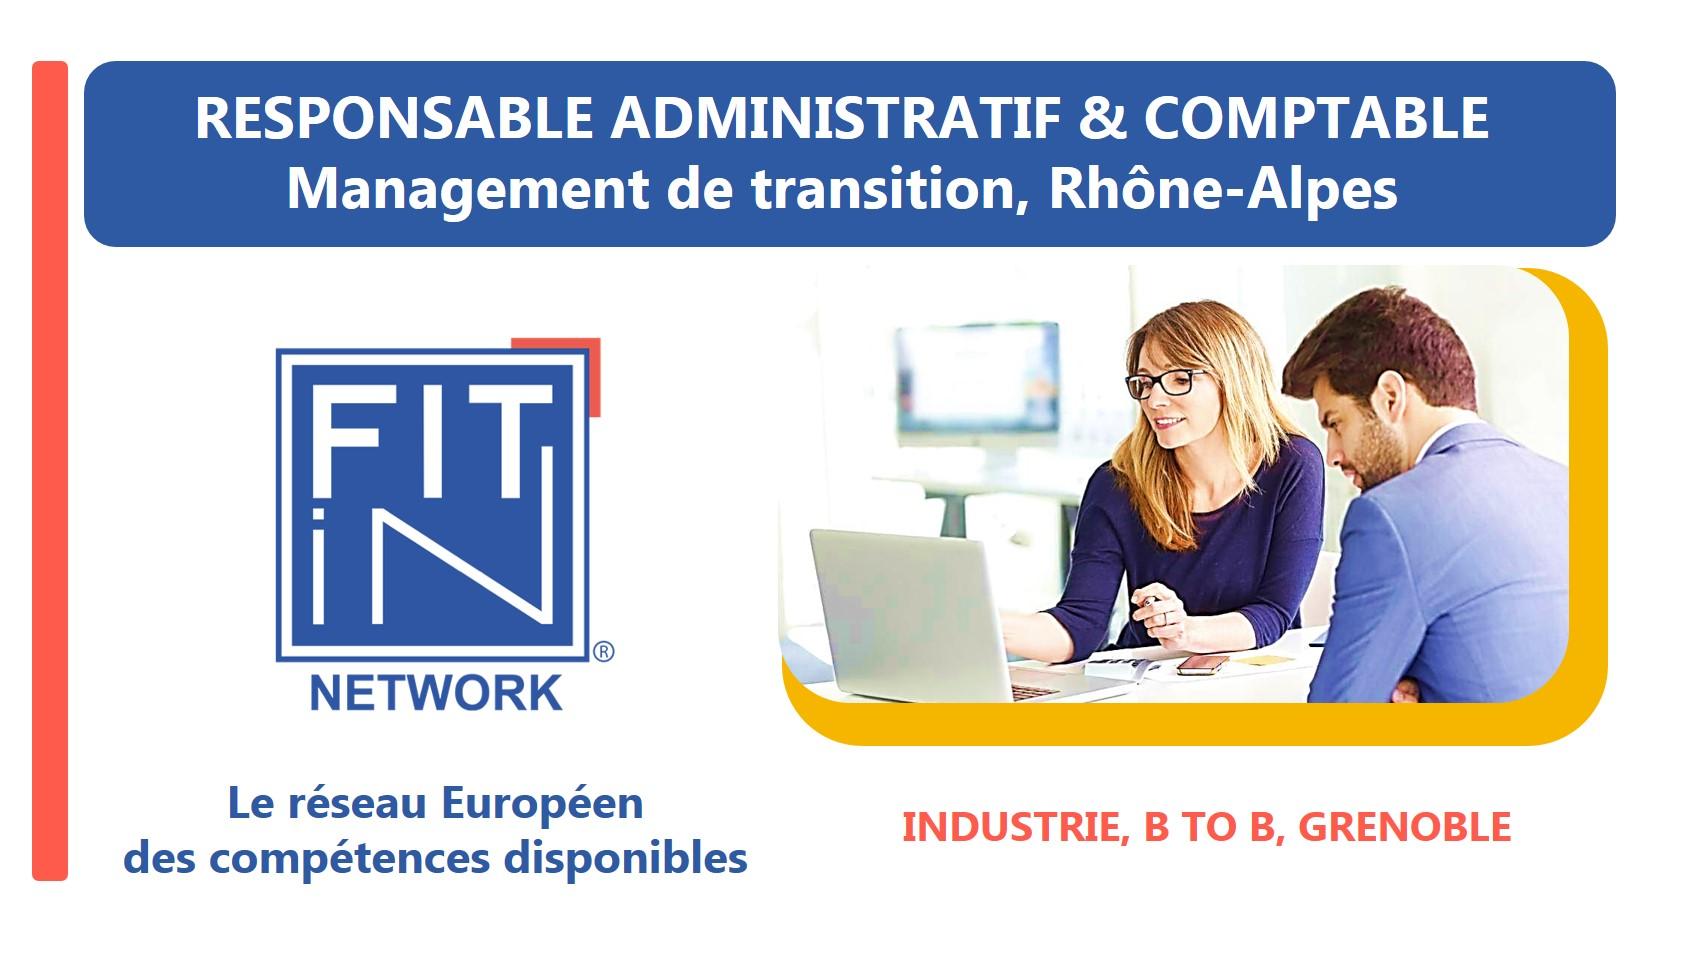 FIT in NETWORK® recherche une ou un Responsable Administratif et Financier pour une mission de Management de Transition à Grenoble.